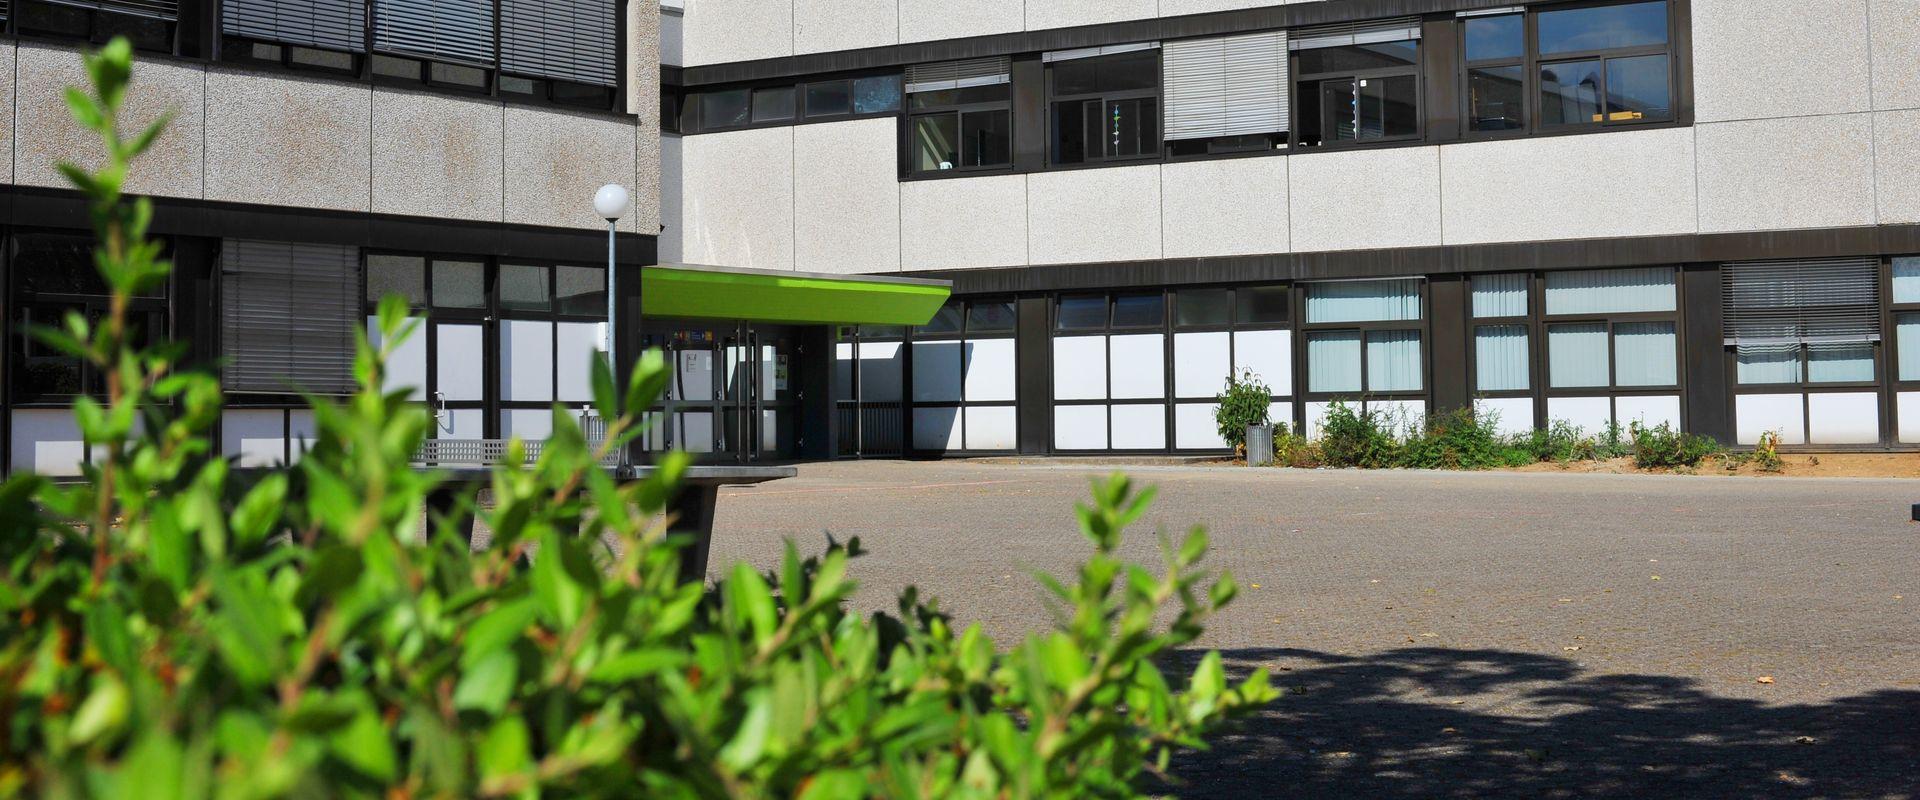 Unsere Schule Heinrich Böll Schule Hattersheim